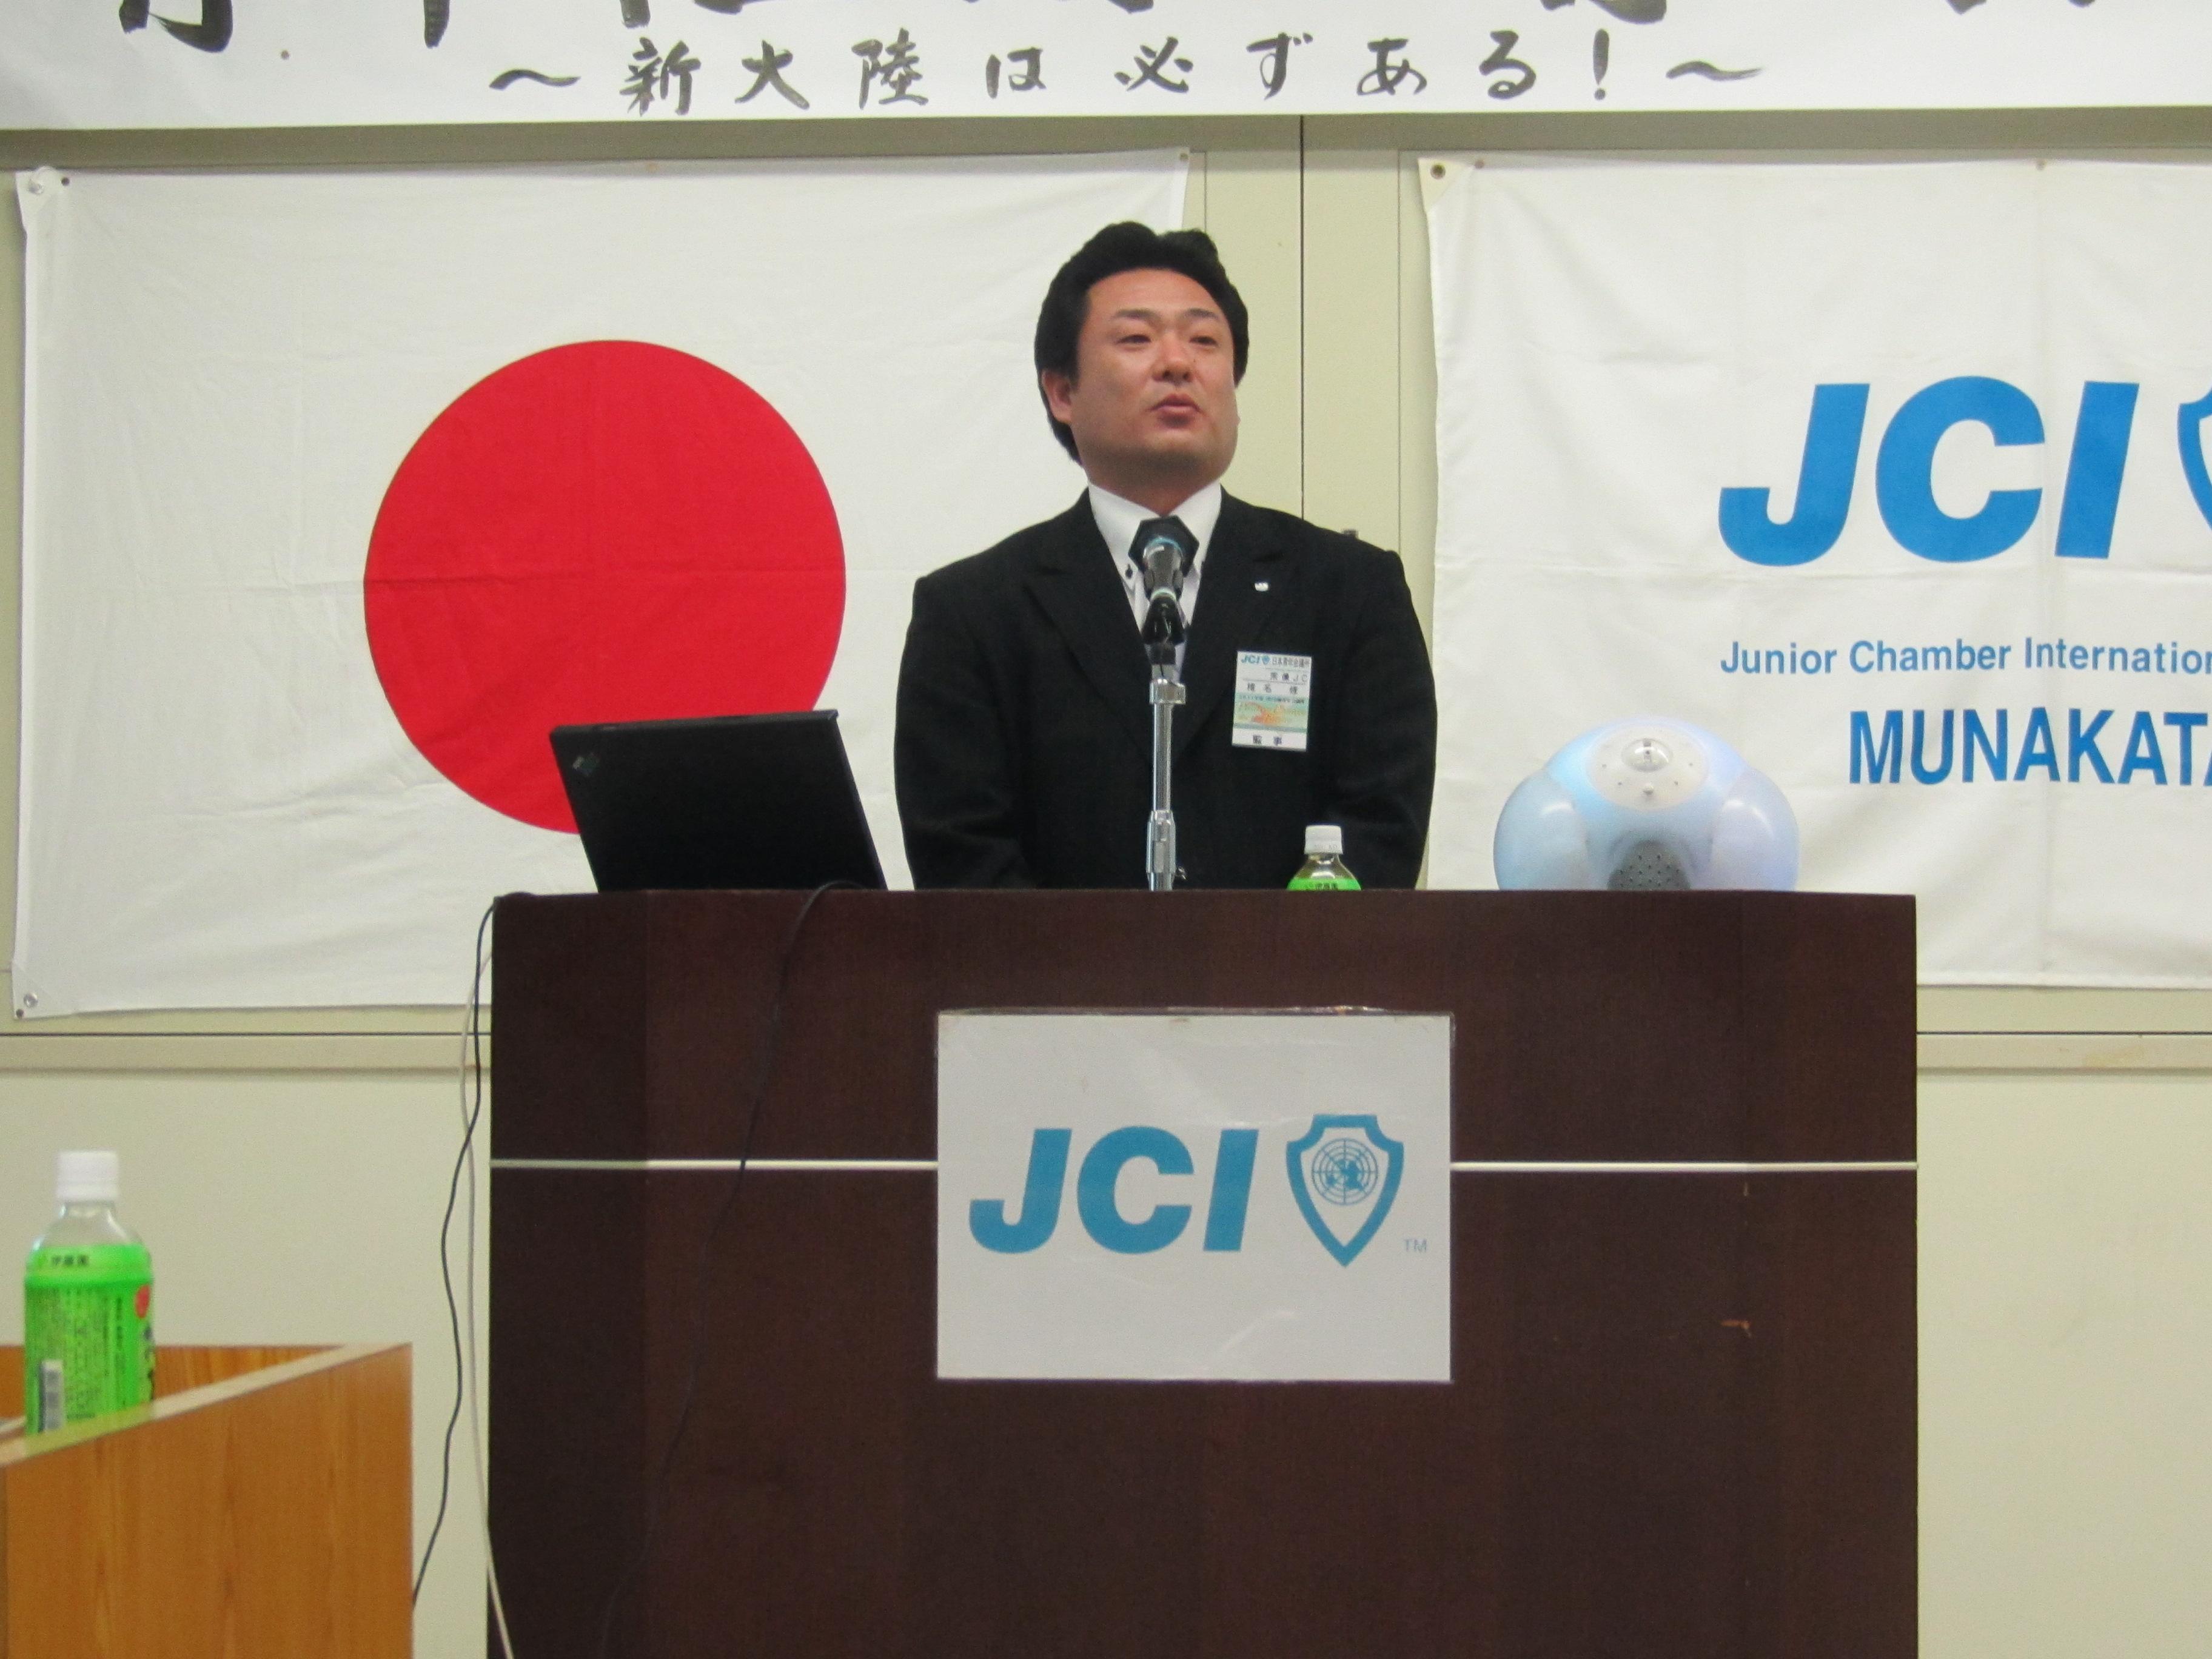 http://www.munakatajc.com/active/IMG_1194.JPG